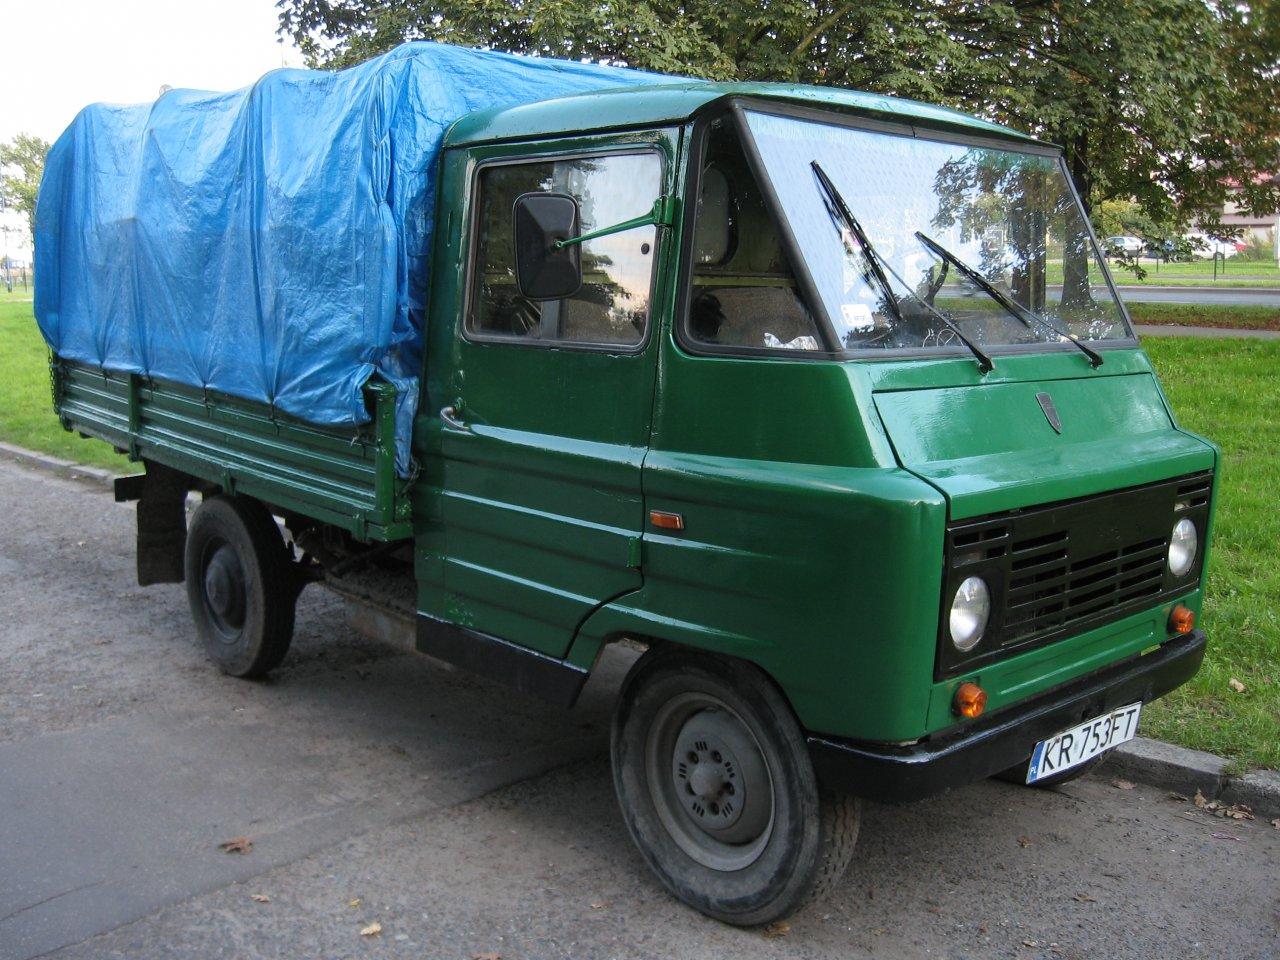 Green_FSC_Żuk_A-11_B_on_Dębowa_street_in_Kraków.jpg